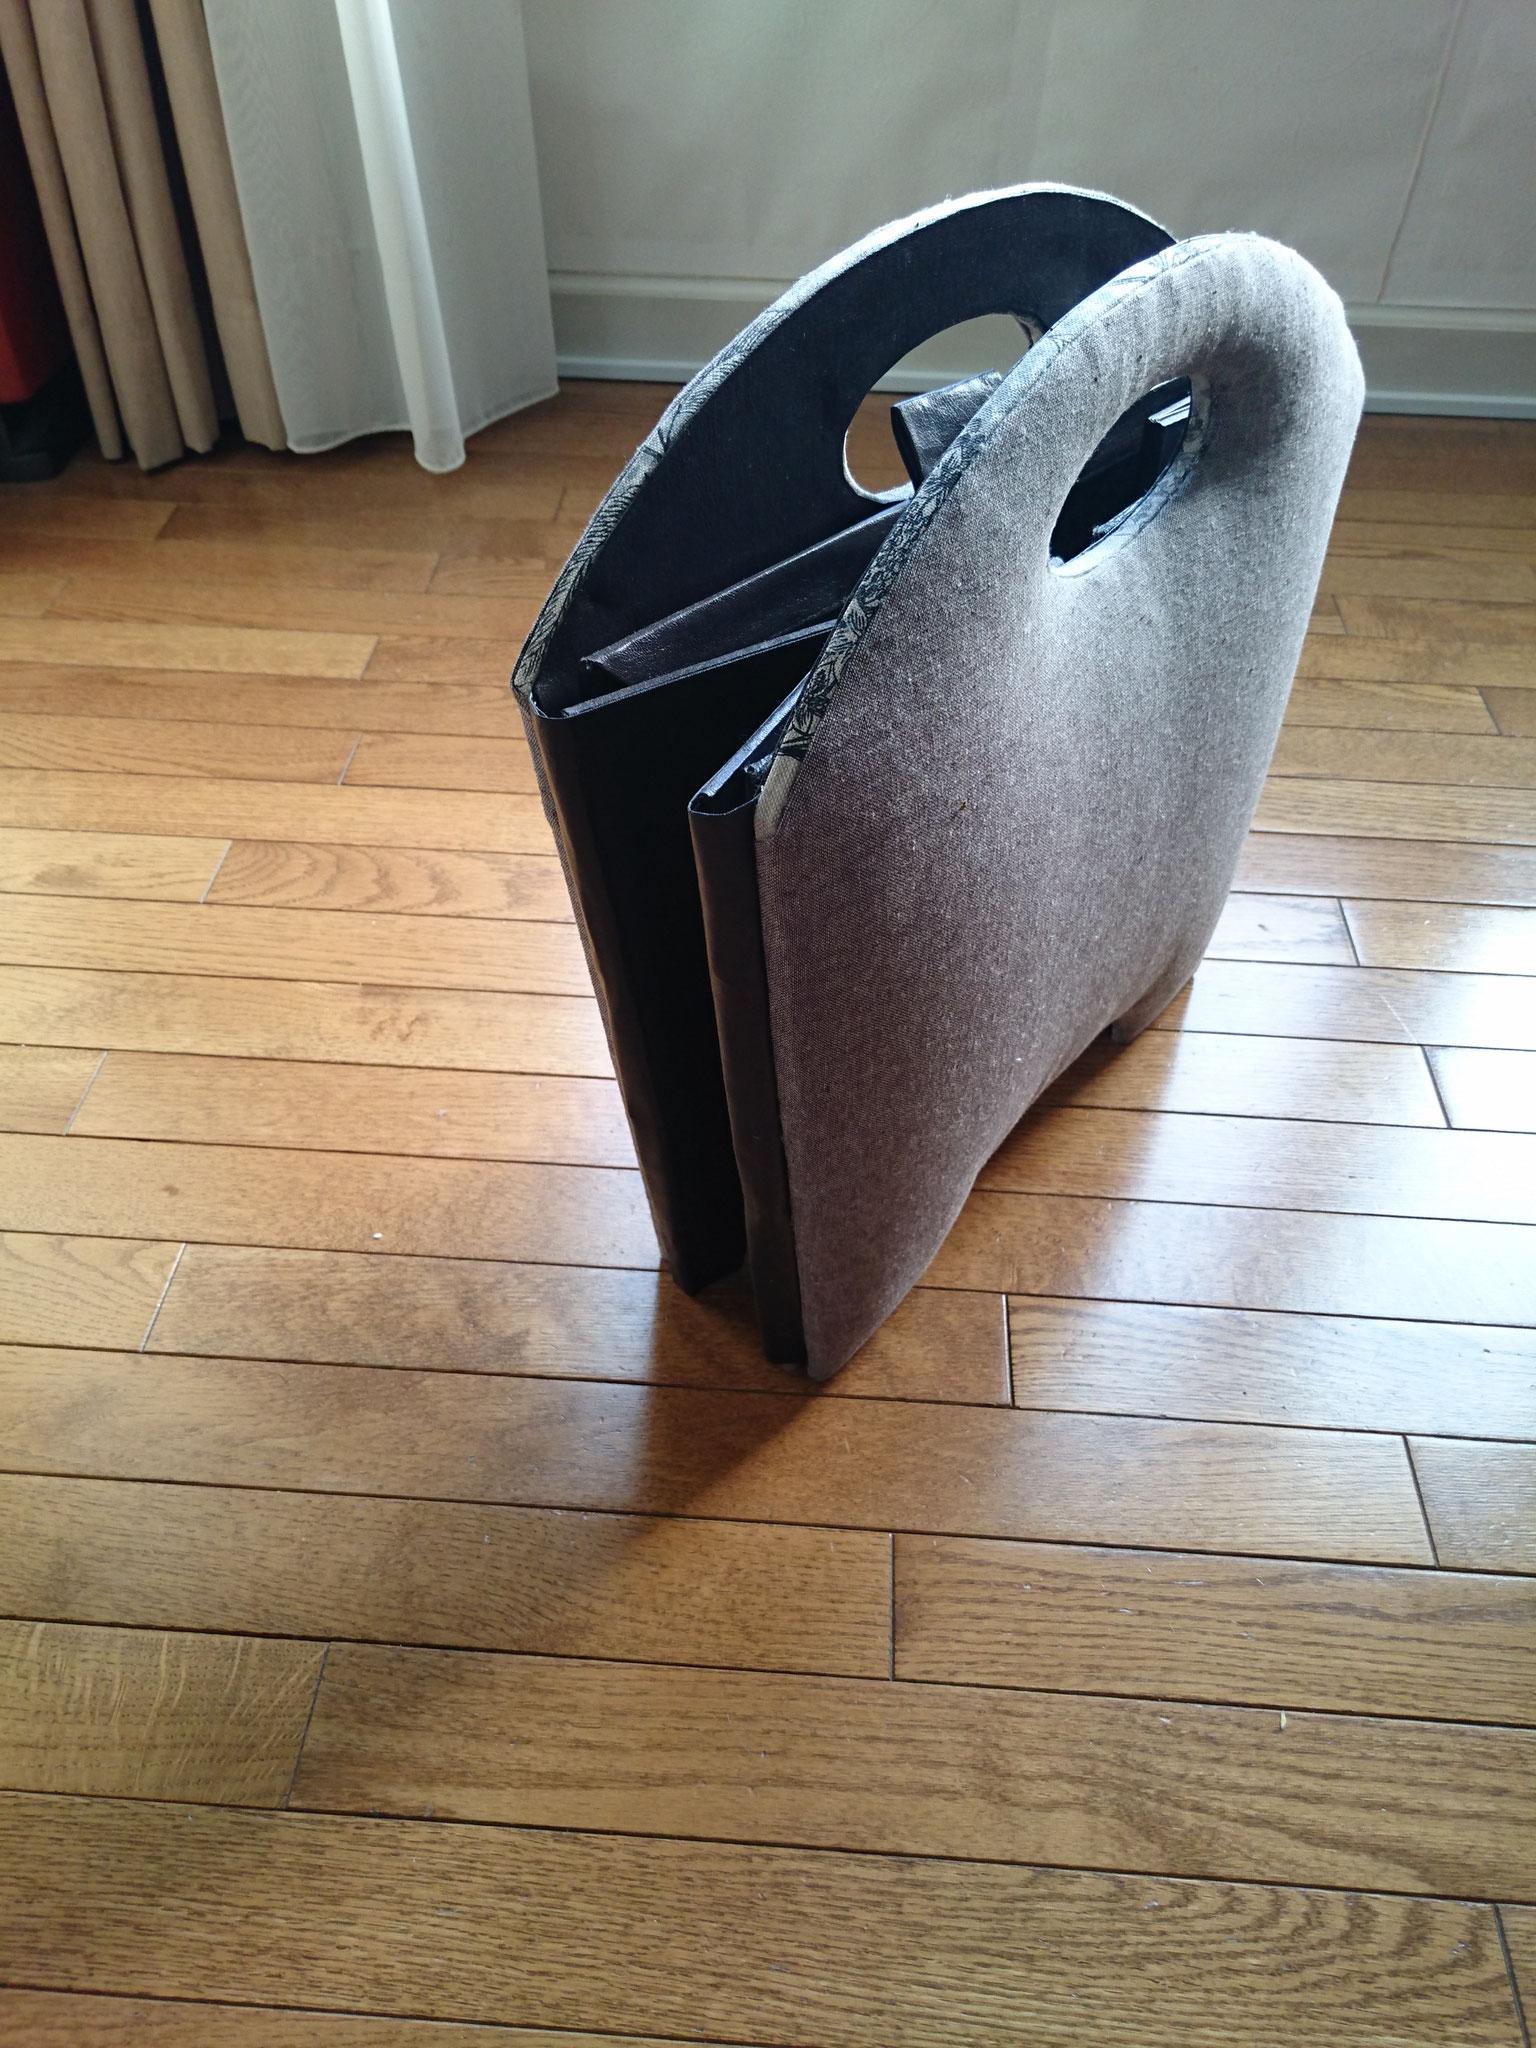 作品展作品2 折りたたみドリンクホルダー